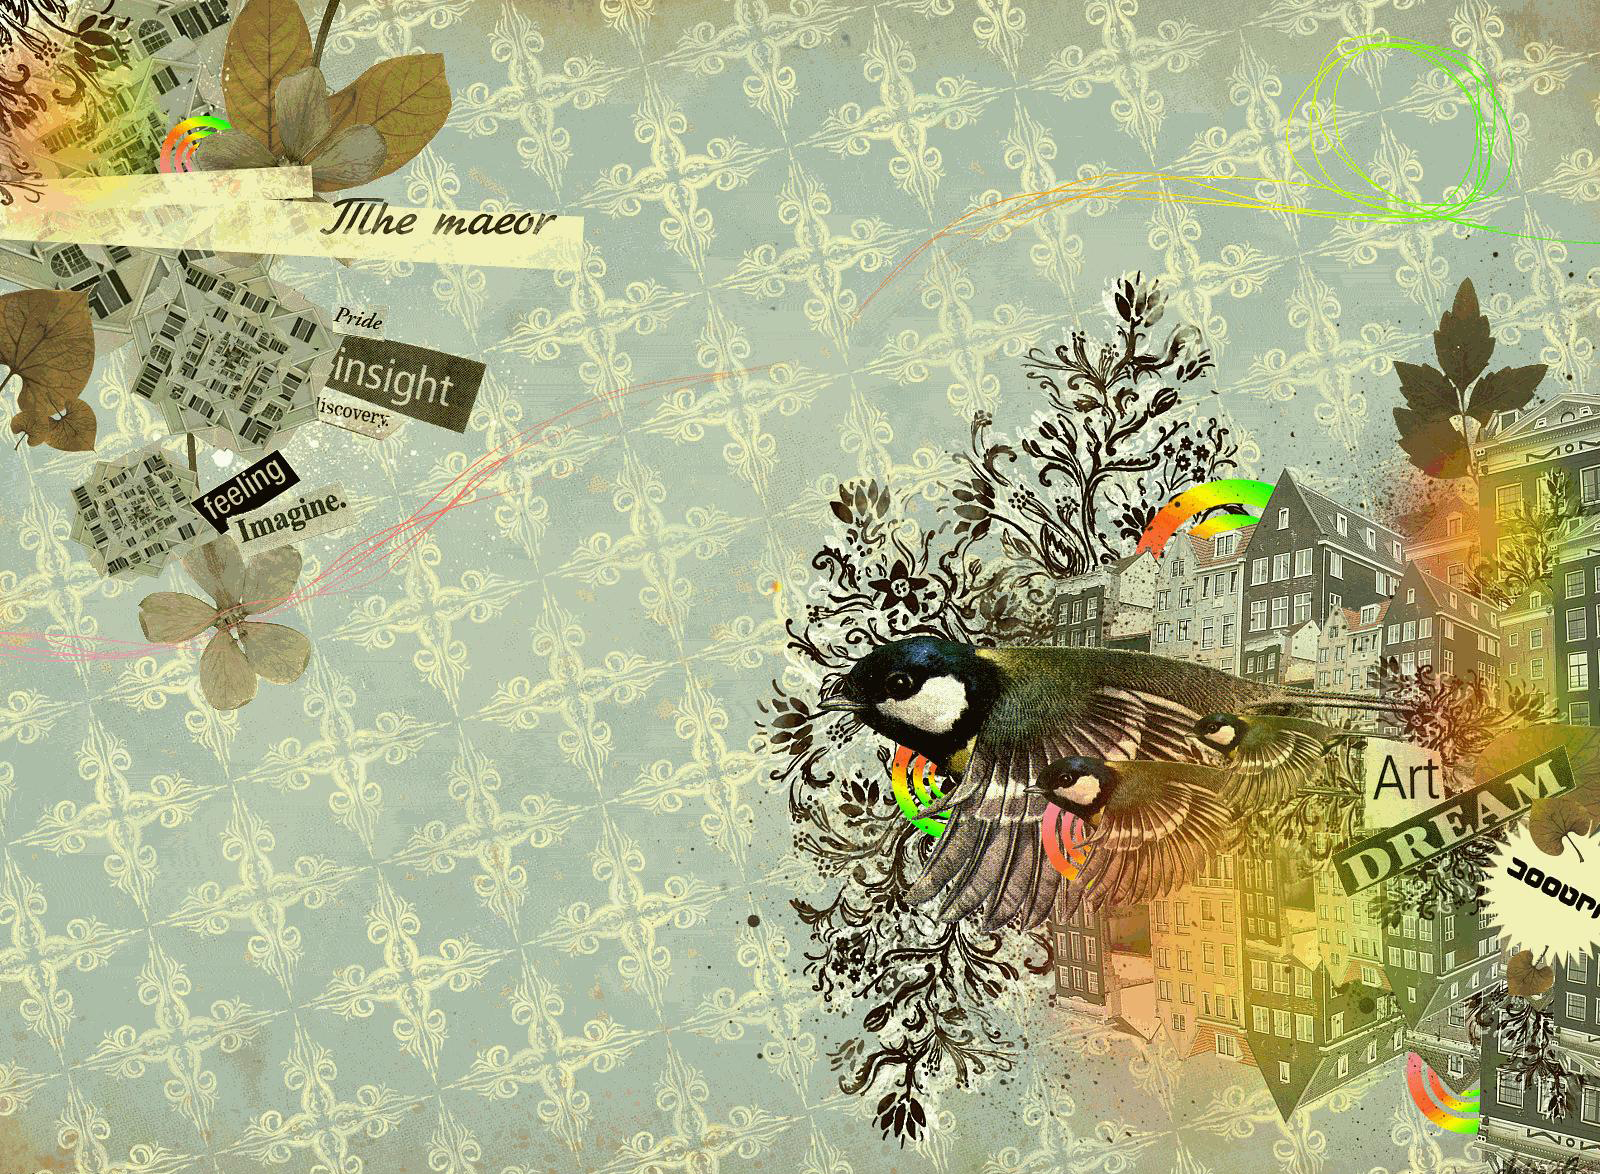 kane blog picz Vintage Desktop Wallpapers Hd 1600x1174